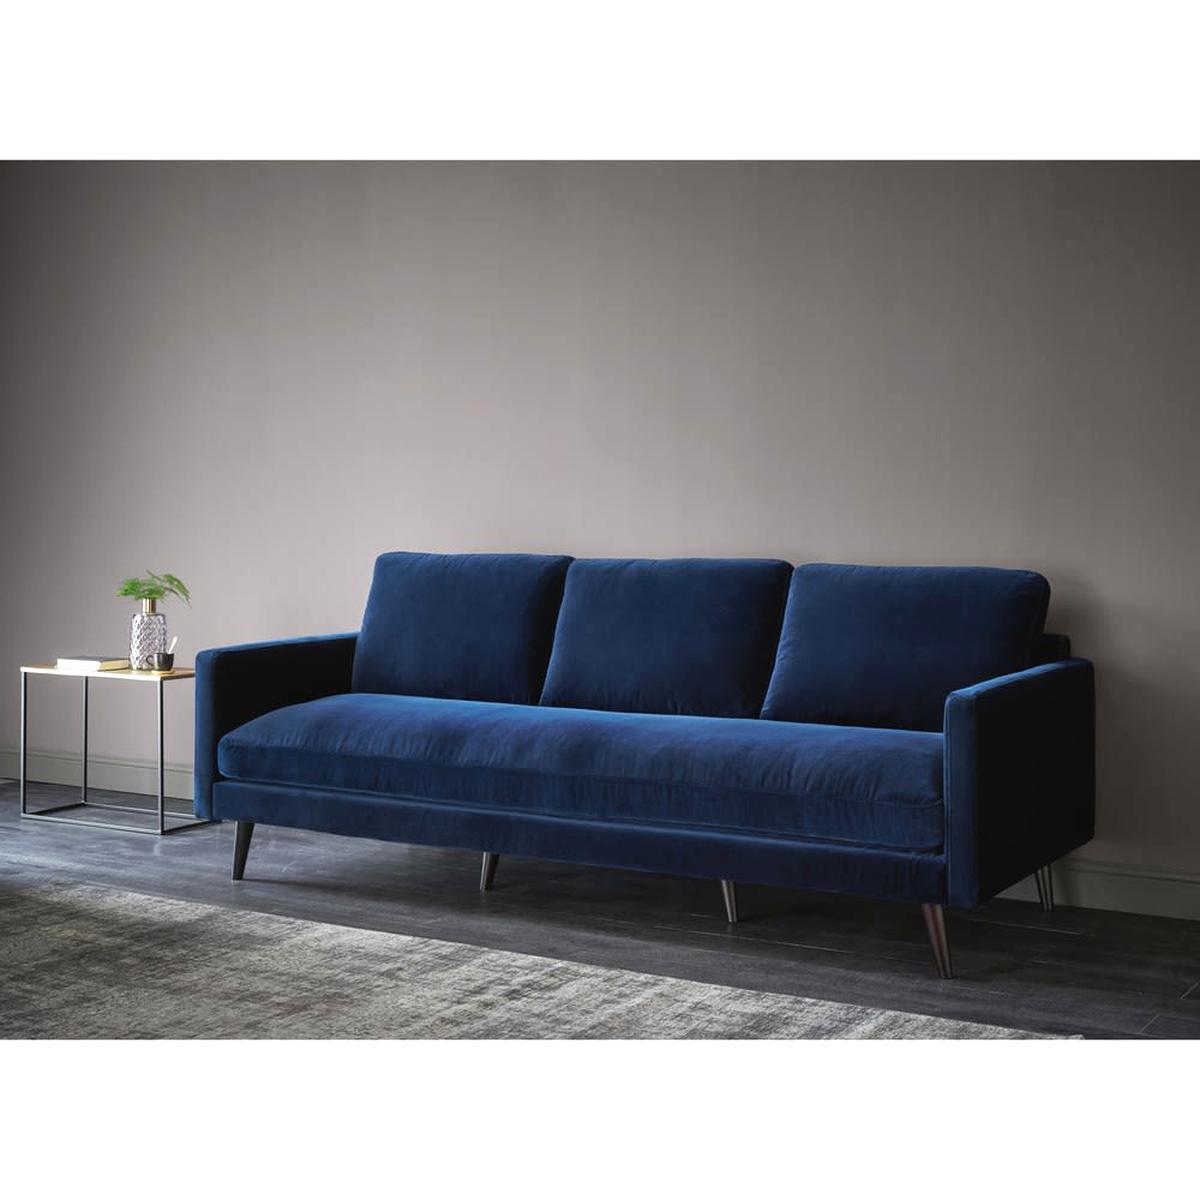 bas prix 38039 a1a4c canape velours bleu